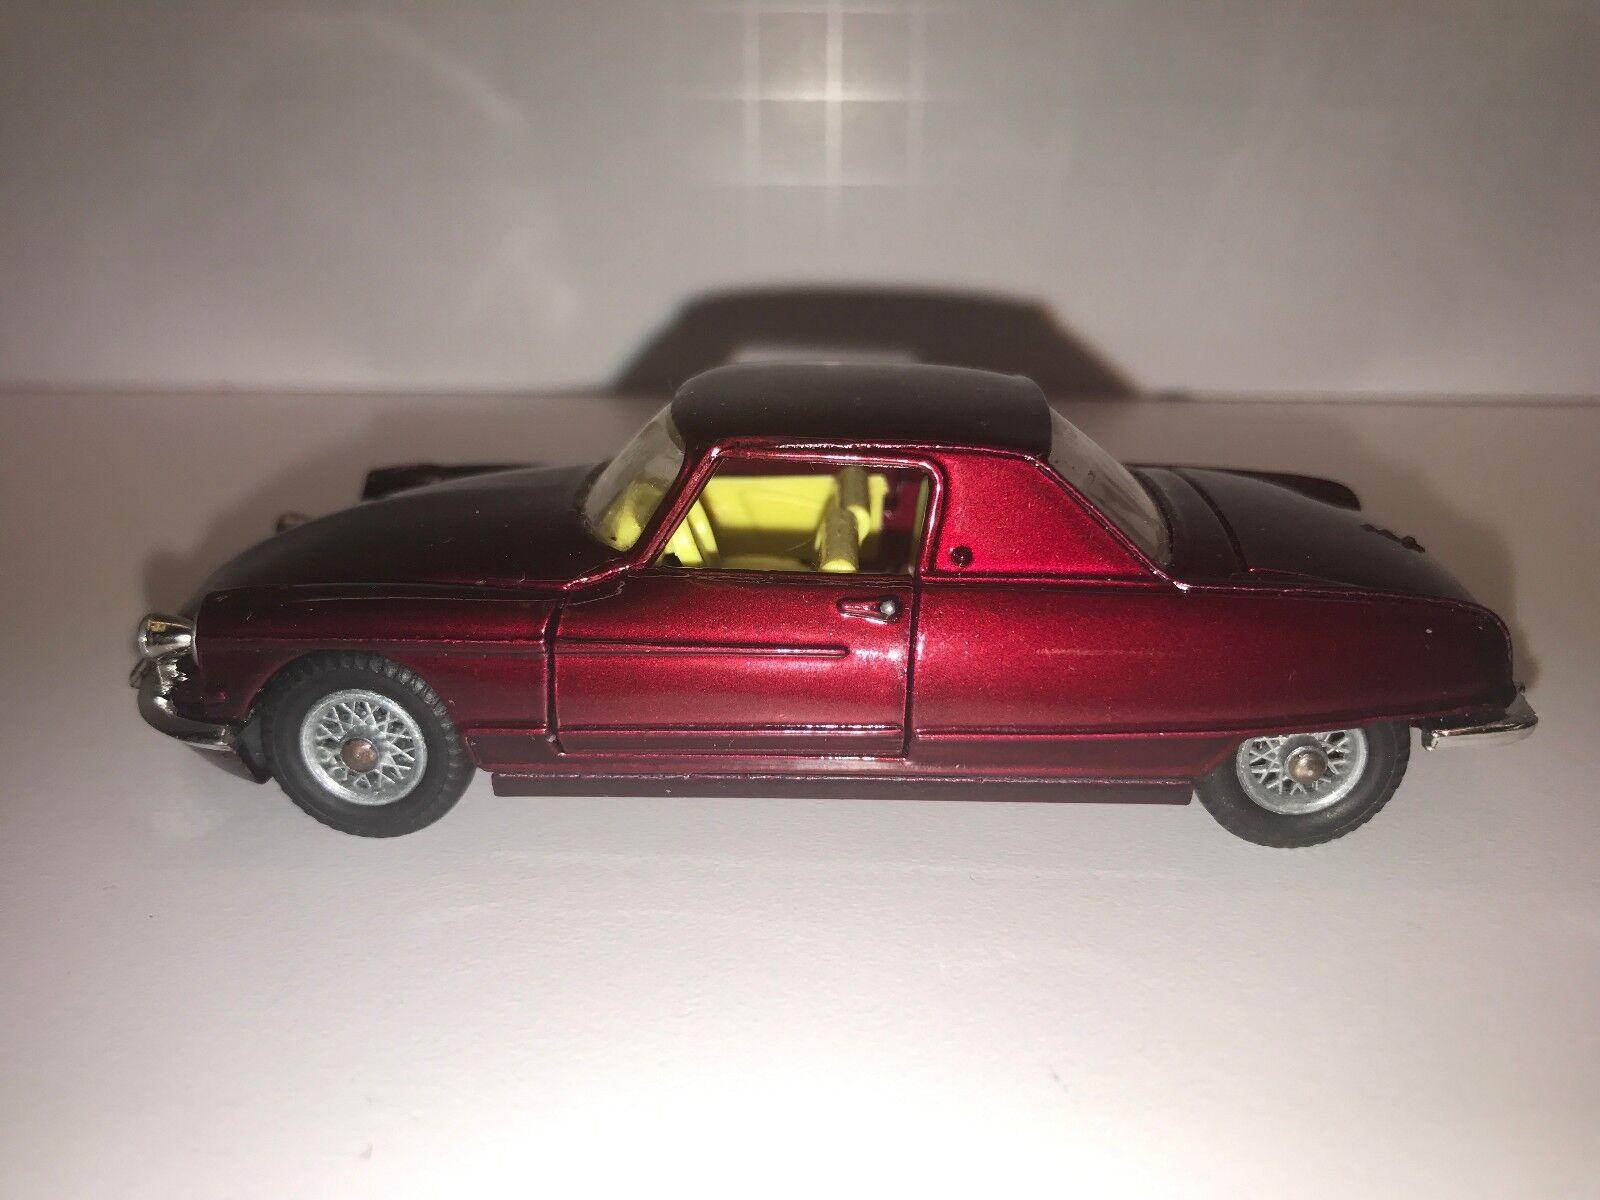 Corgi Toys Le Dandy Coupe-Henri Chapron cuerpo en chasis CITROEN D.S. Excelente